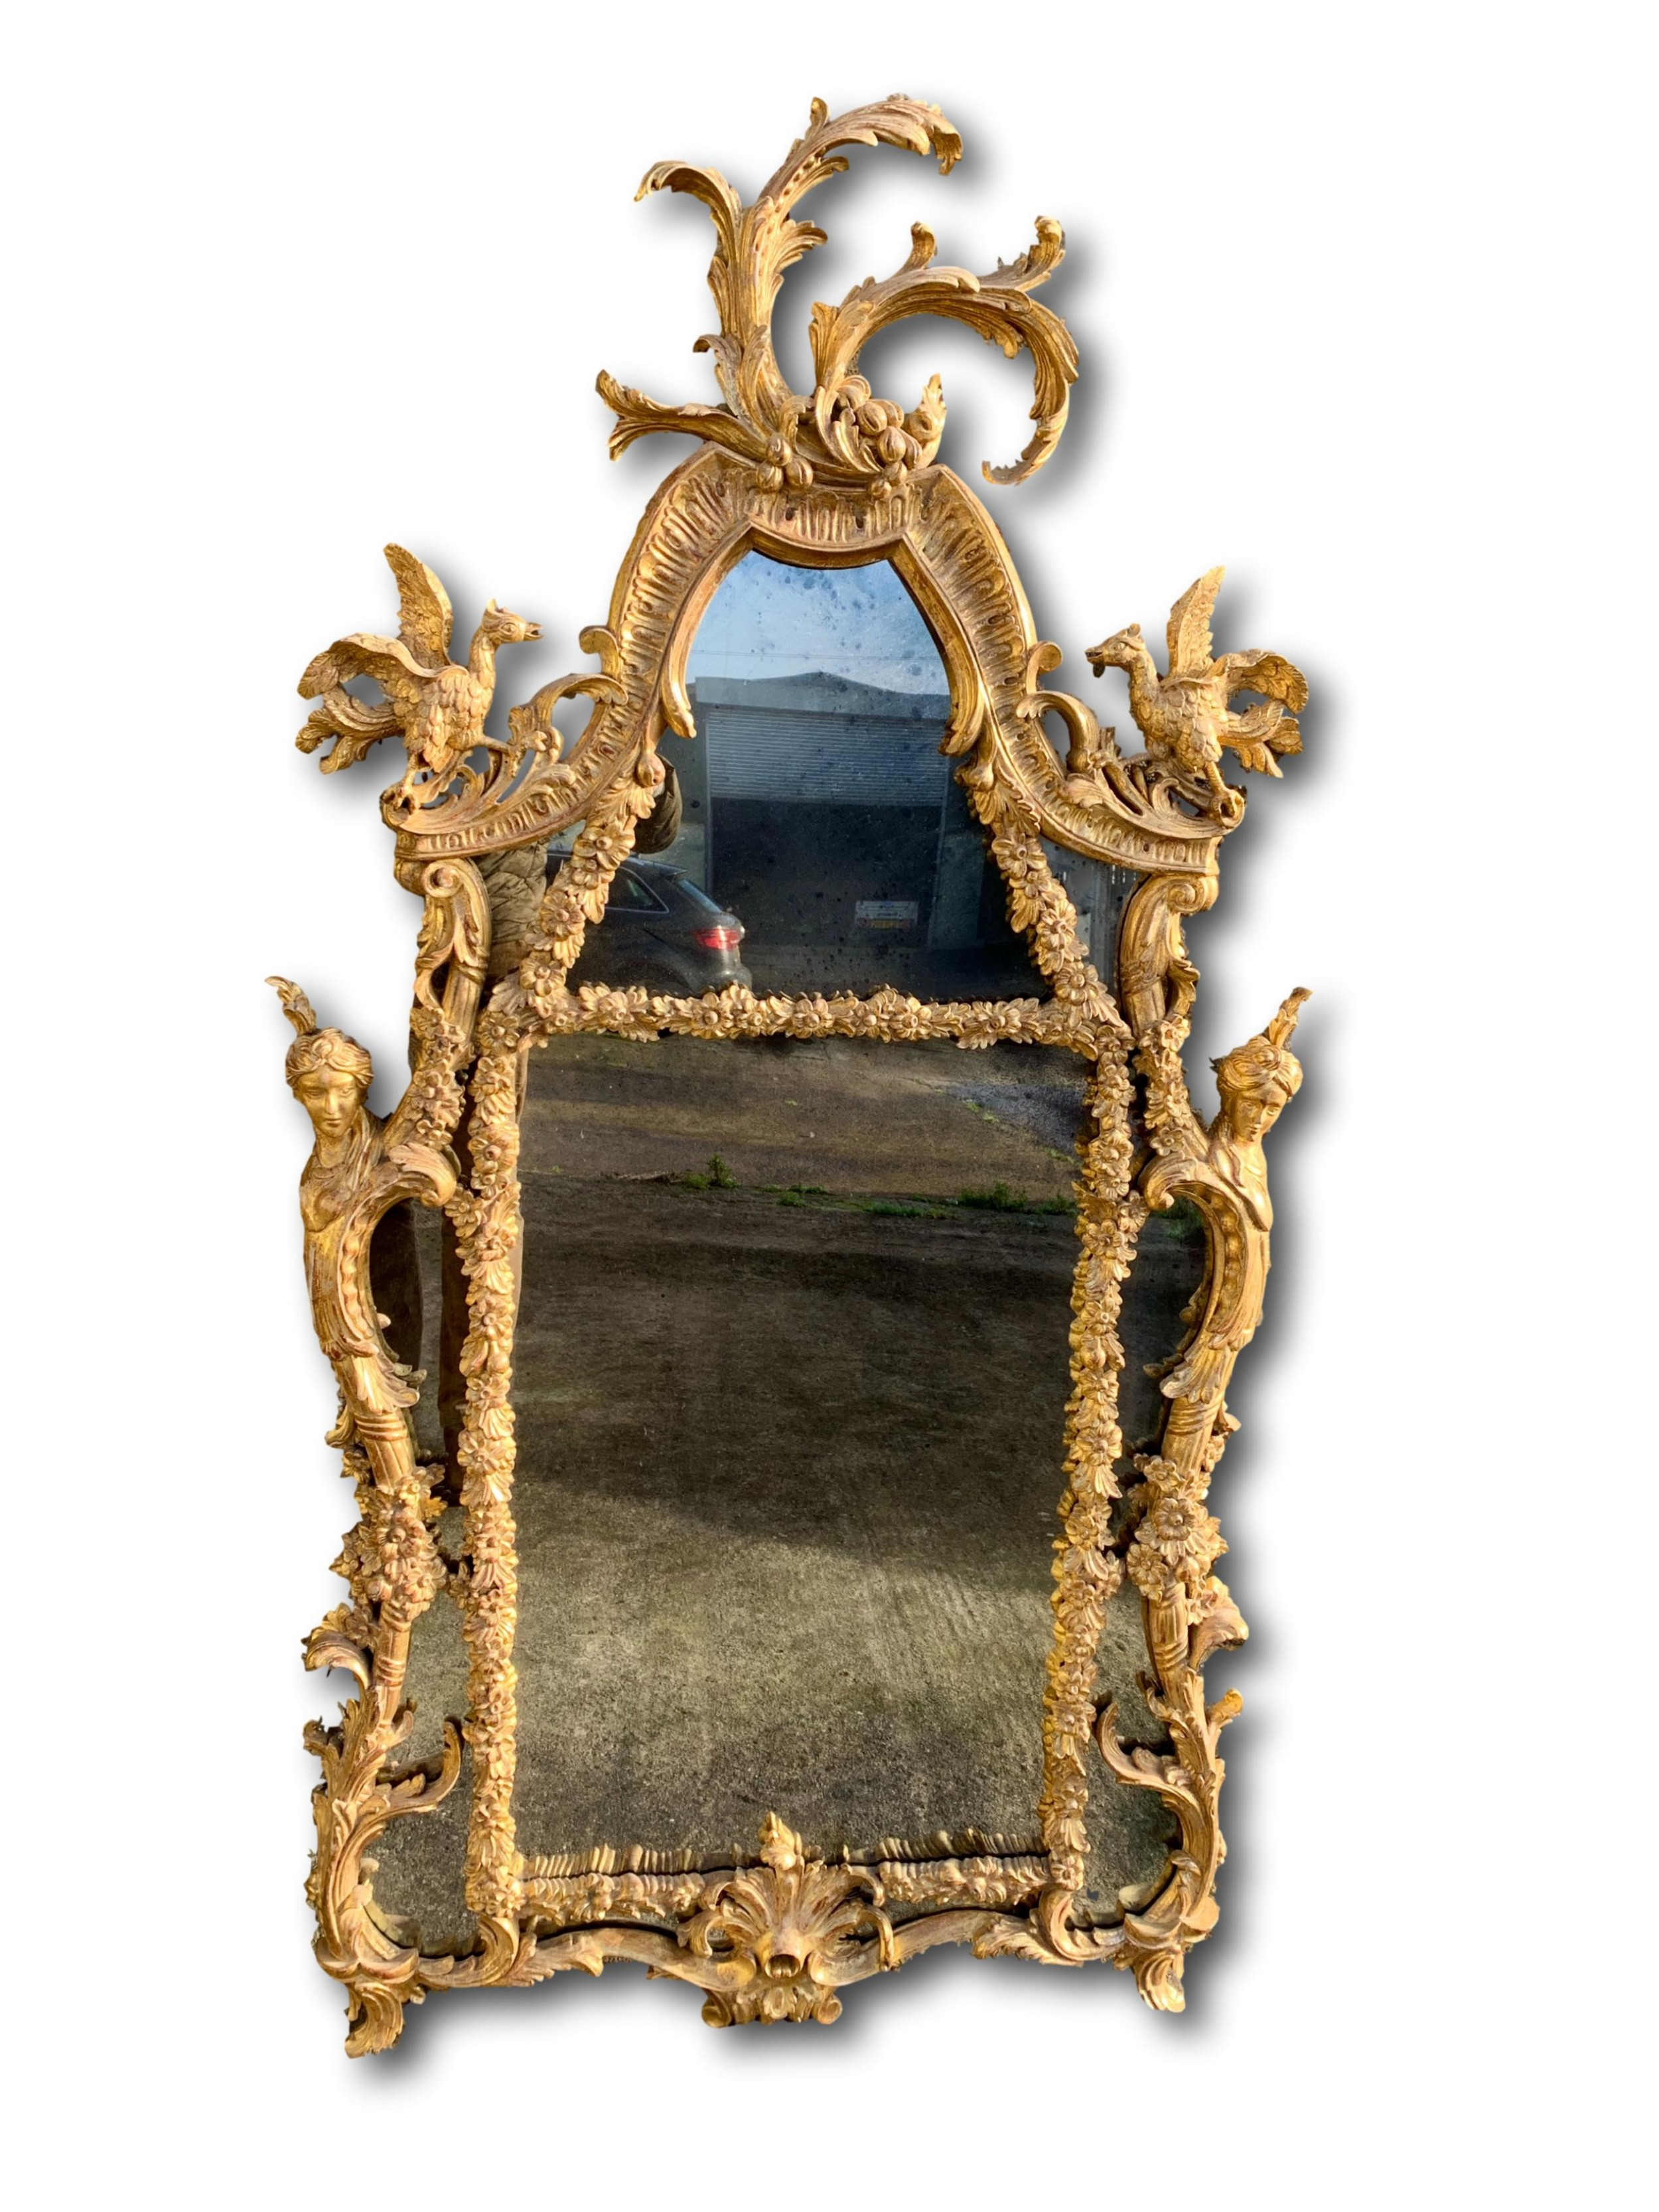 georgian style giltwood mirror